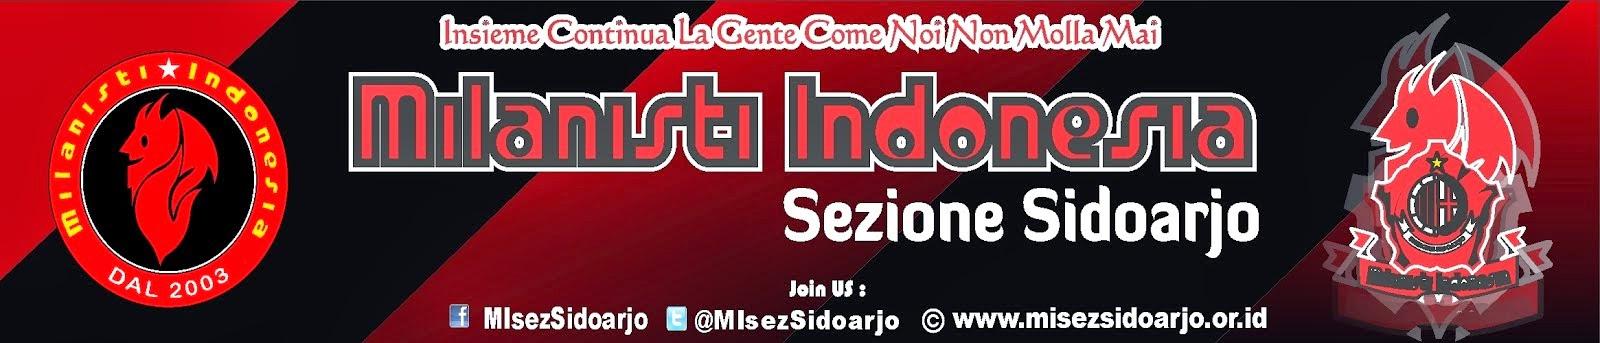 La Comunita dei Tifosi Milan a Sidoarjo